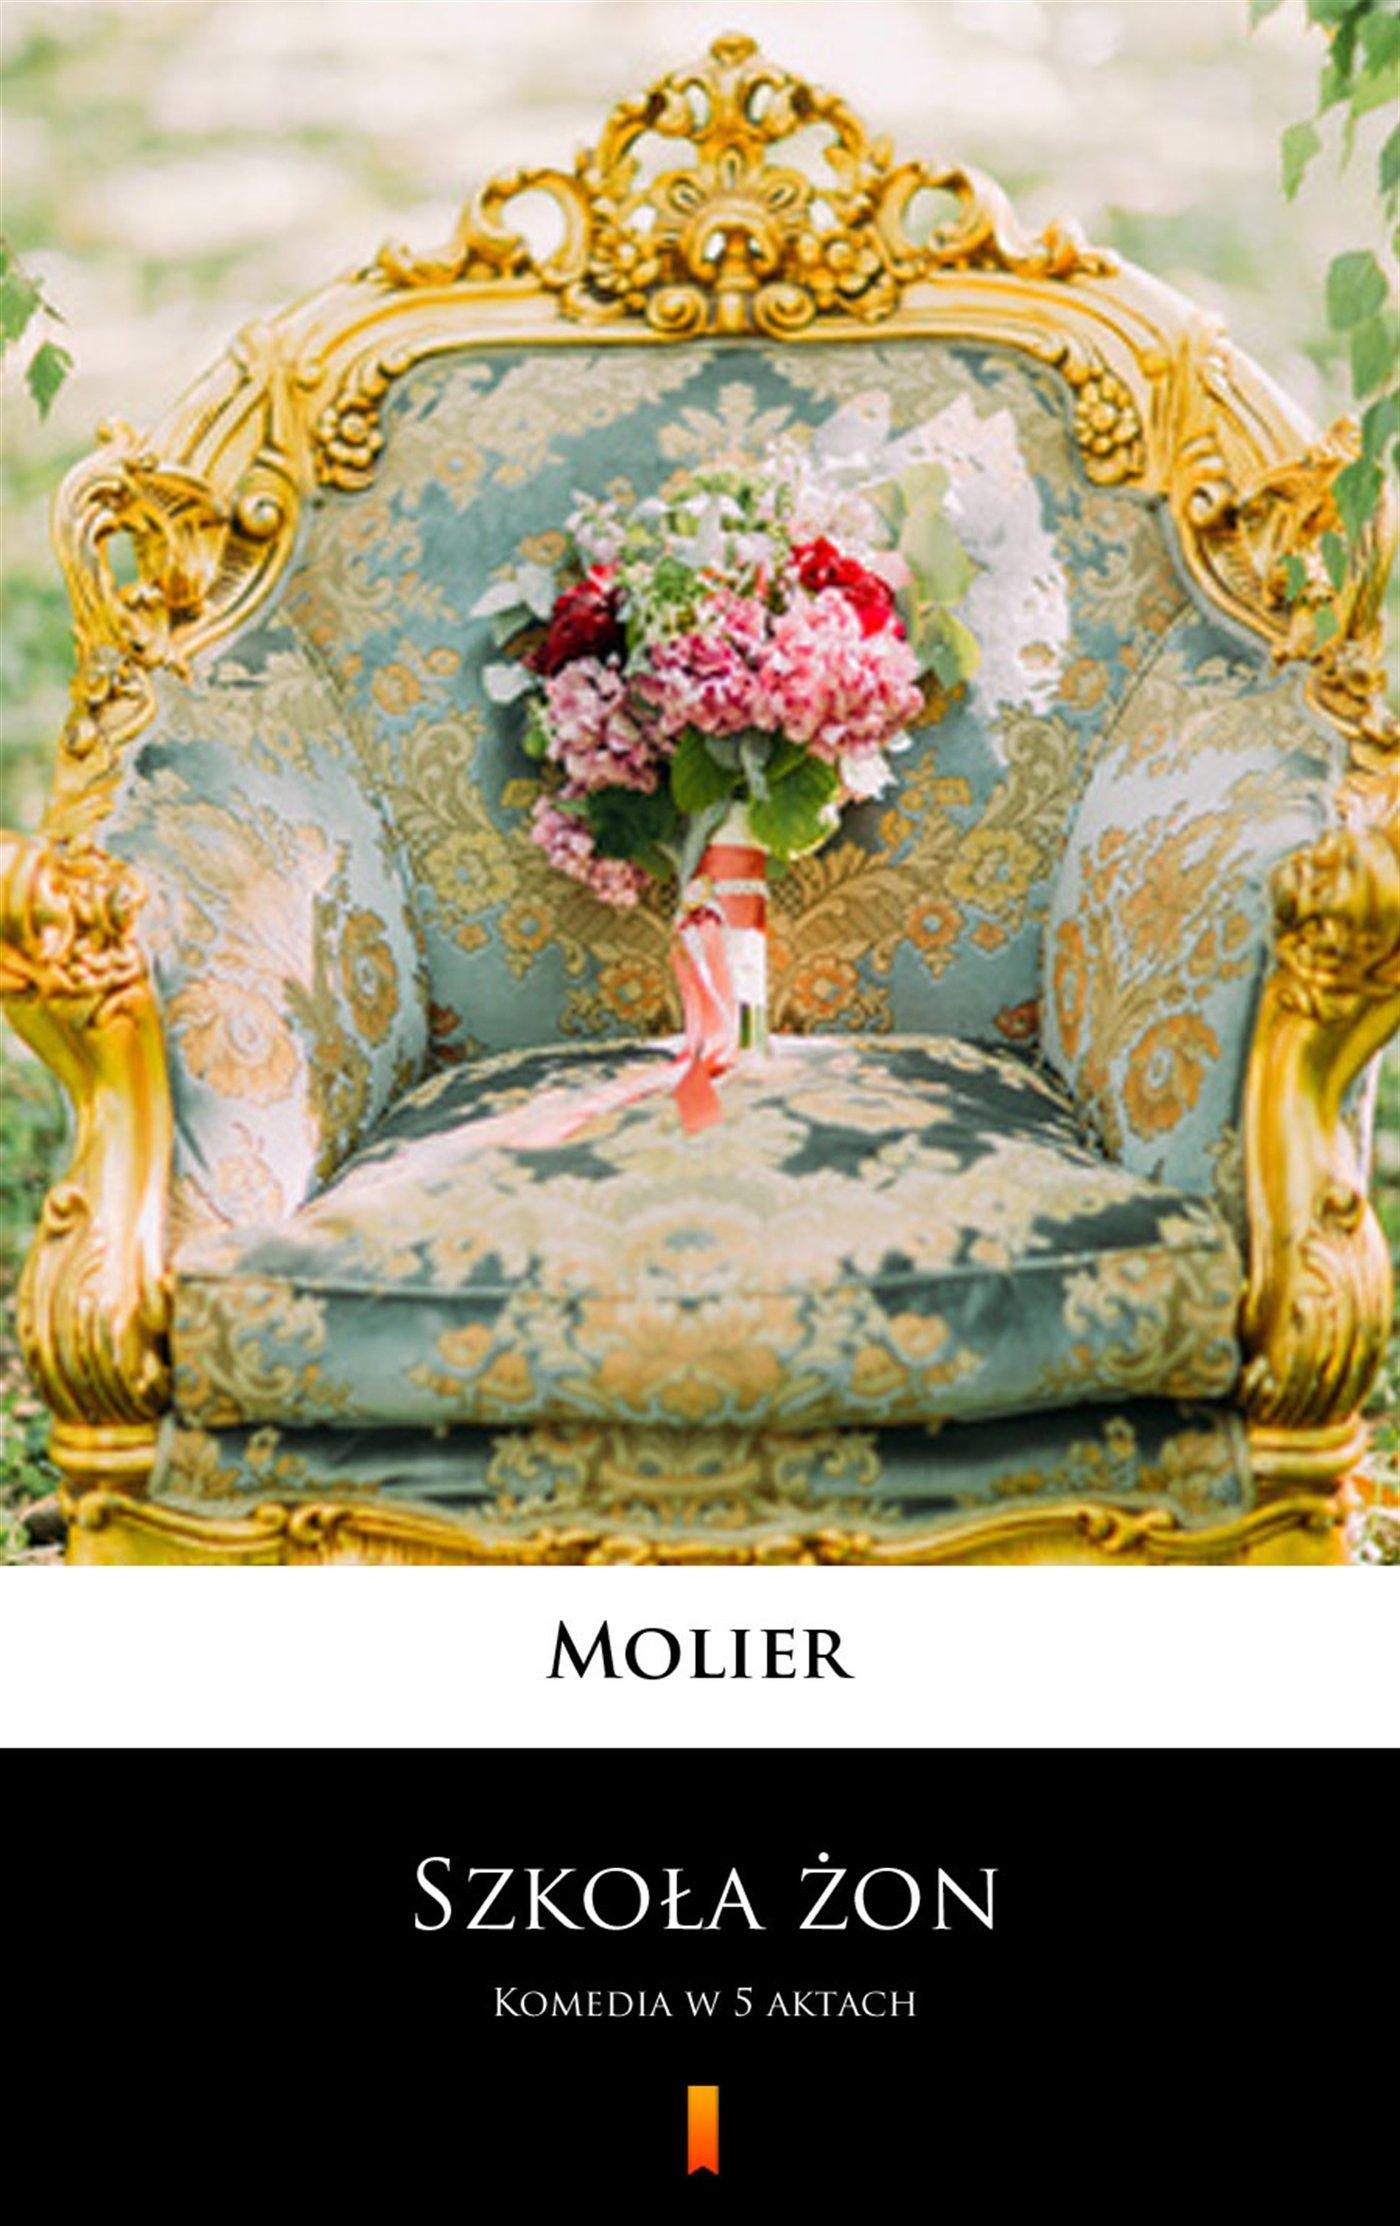 Szkoła żon - Ebook (Książka na Kindle) do pobrania w formacie MOBI